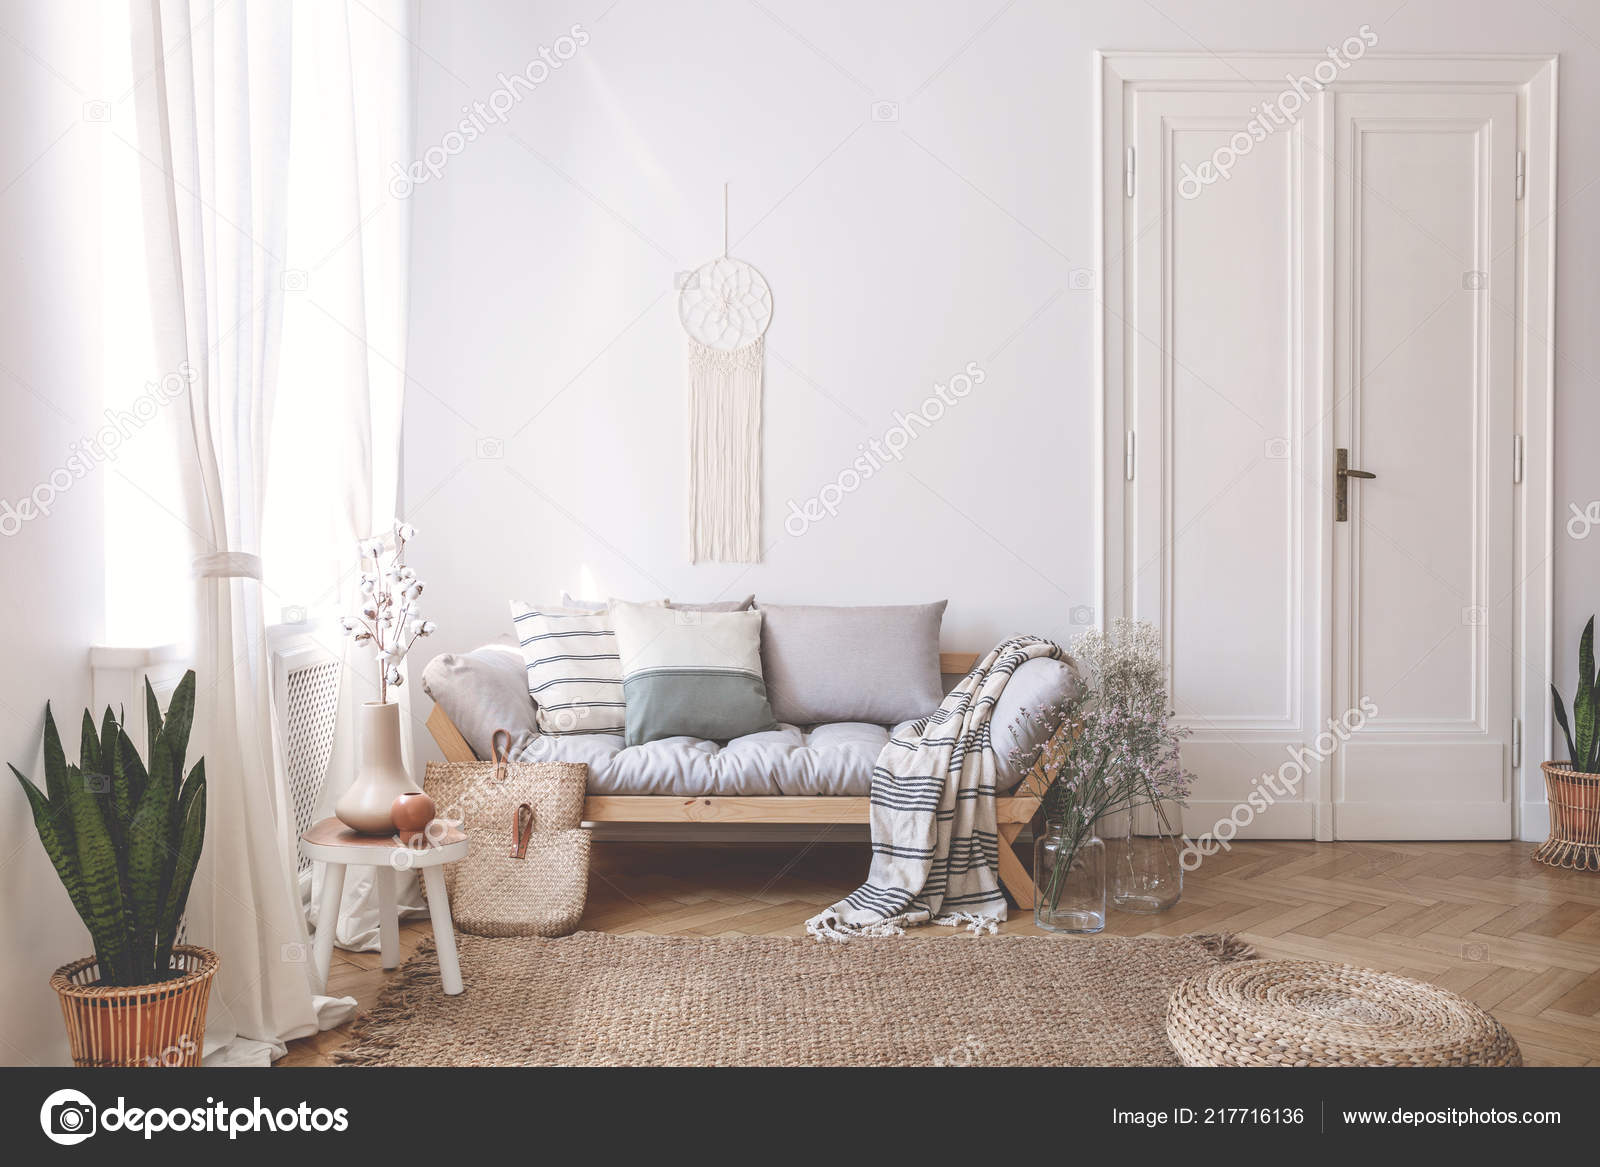 Couverture Oreillers Sur Sofa Bois Interieur Loft Blanc Avec Pouf